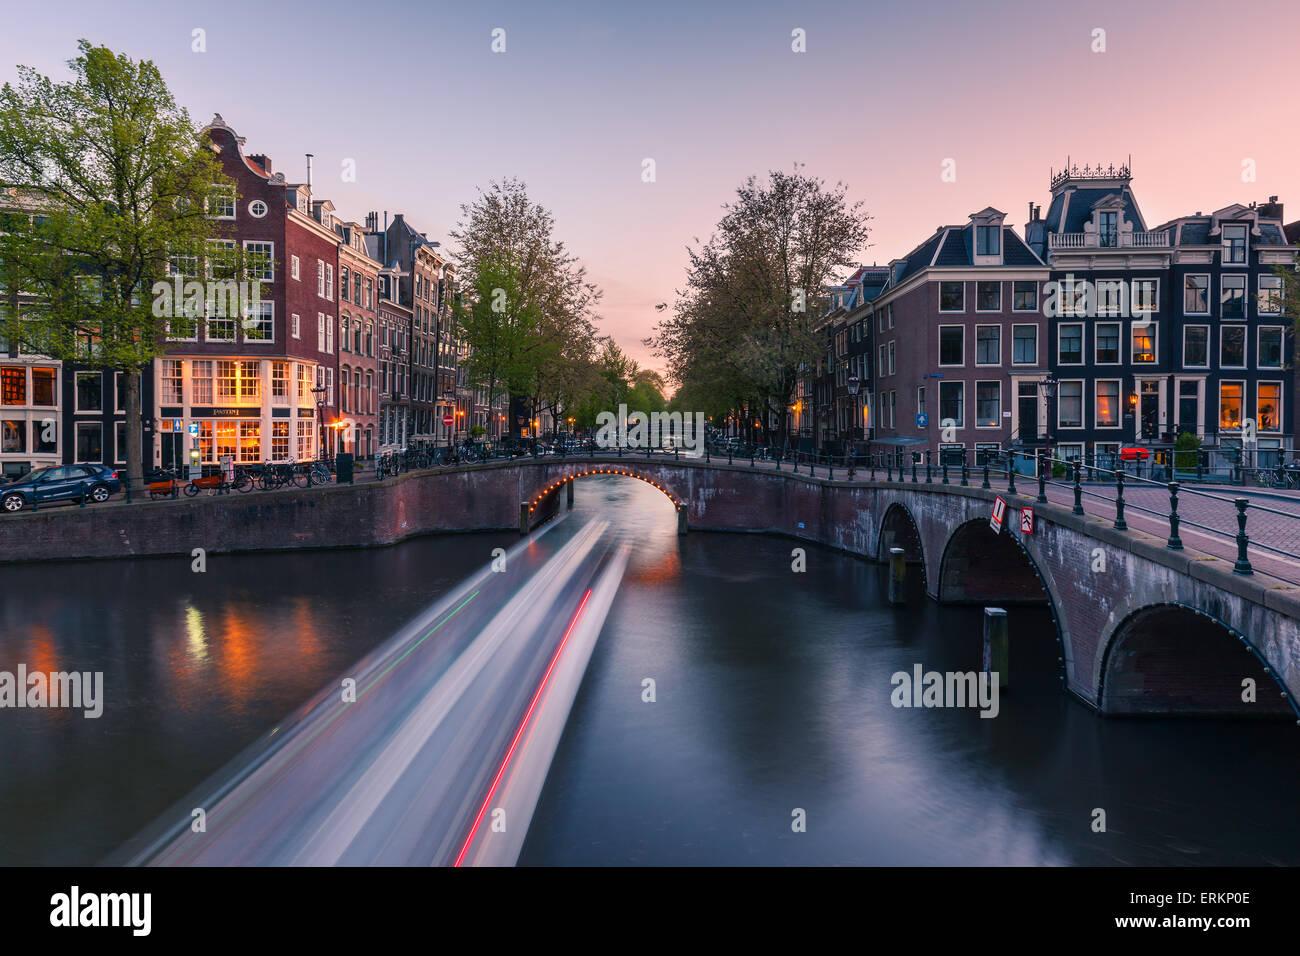 Einen Abend in die Kanäle in der Nähe der Keizersgracht in Amsterdam, Niederlande. Stockbild